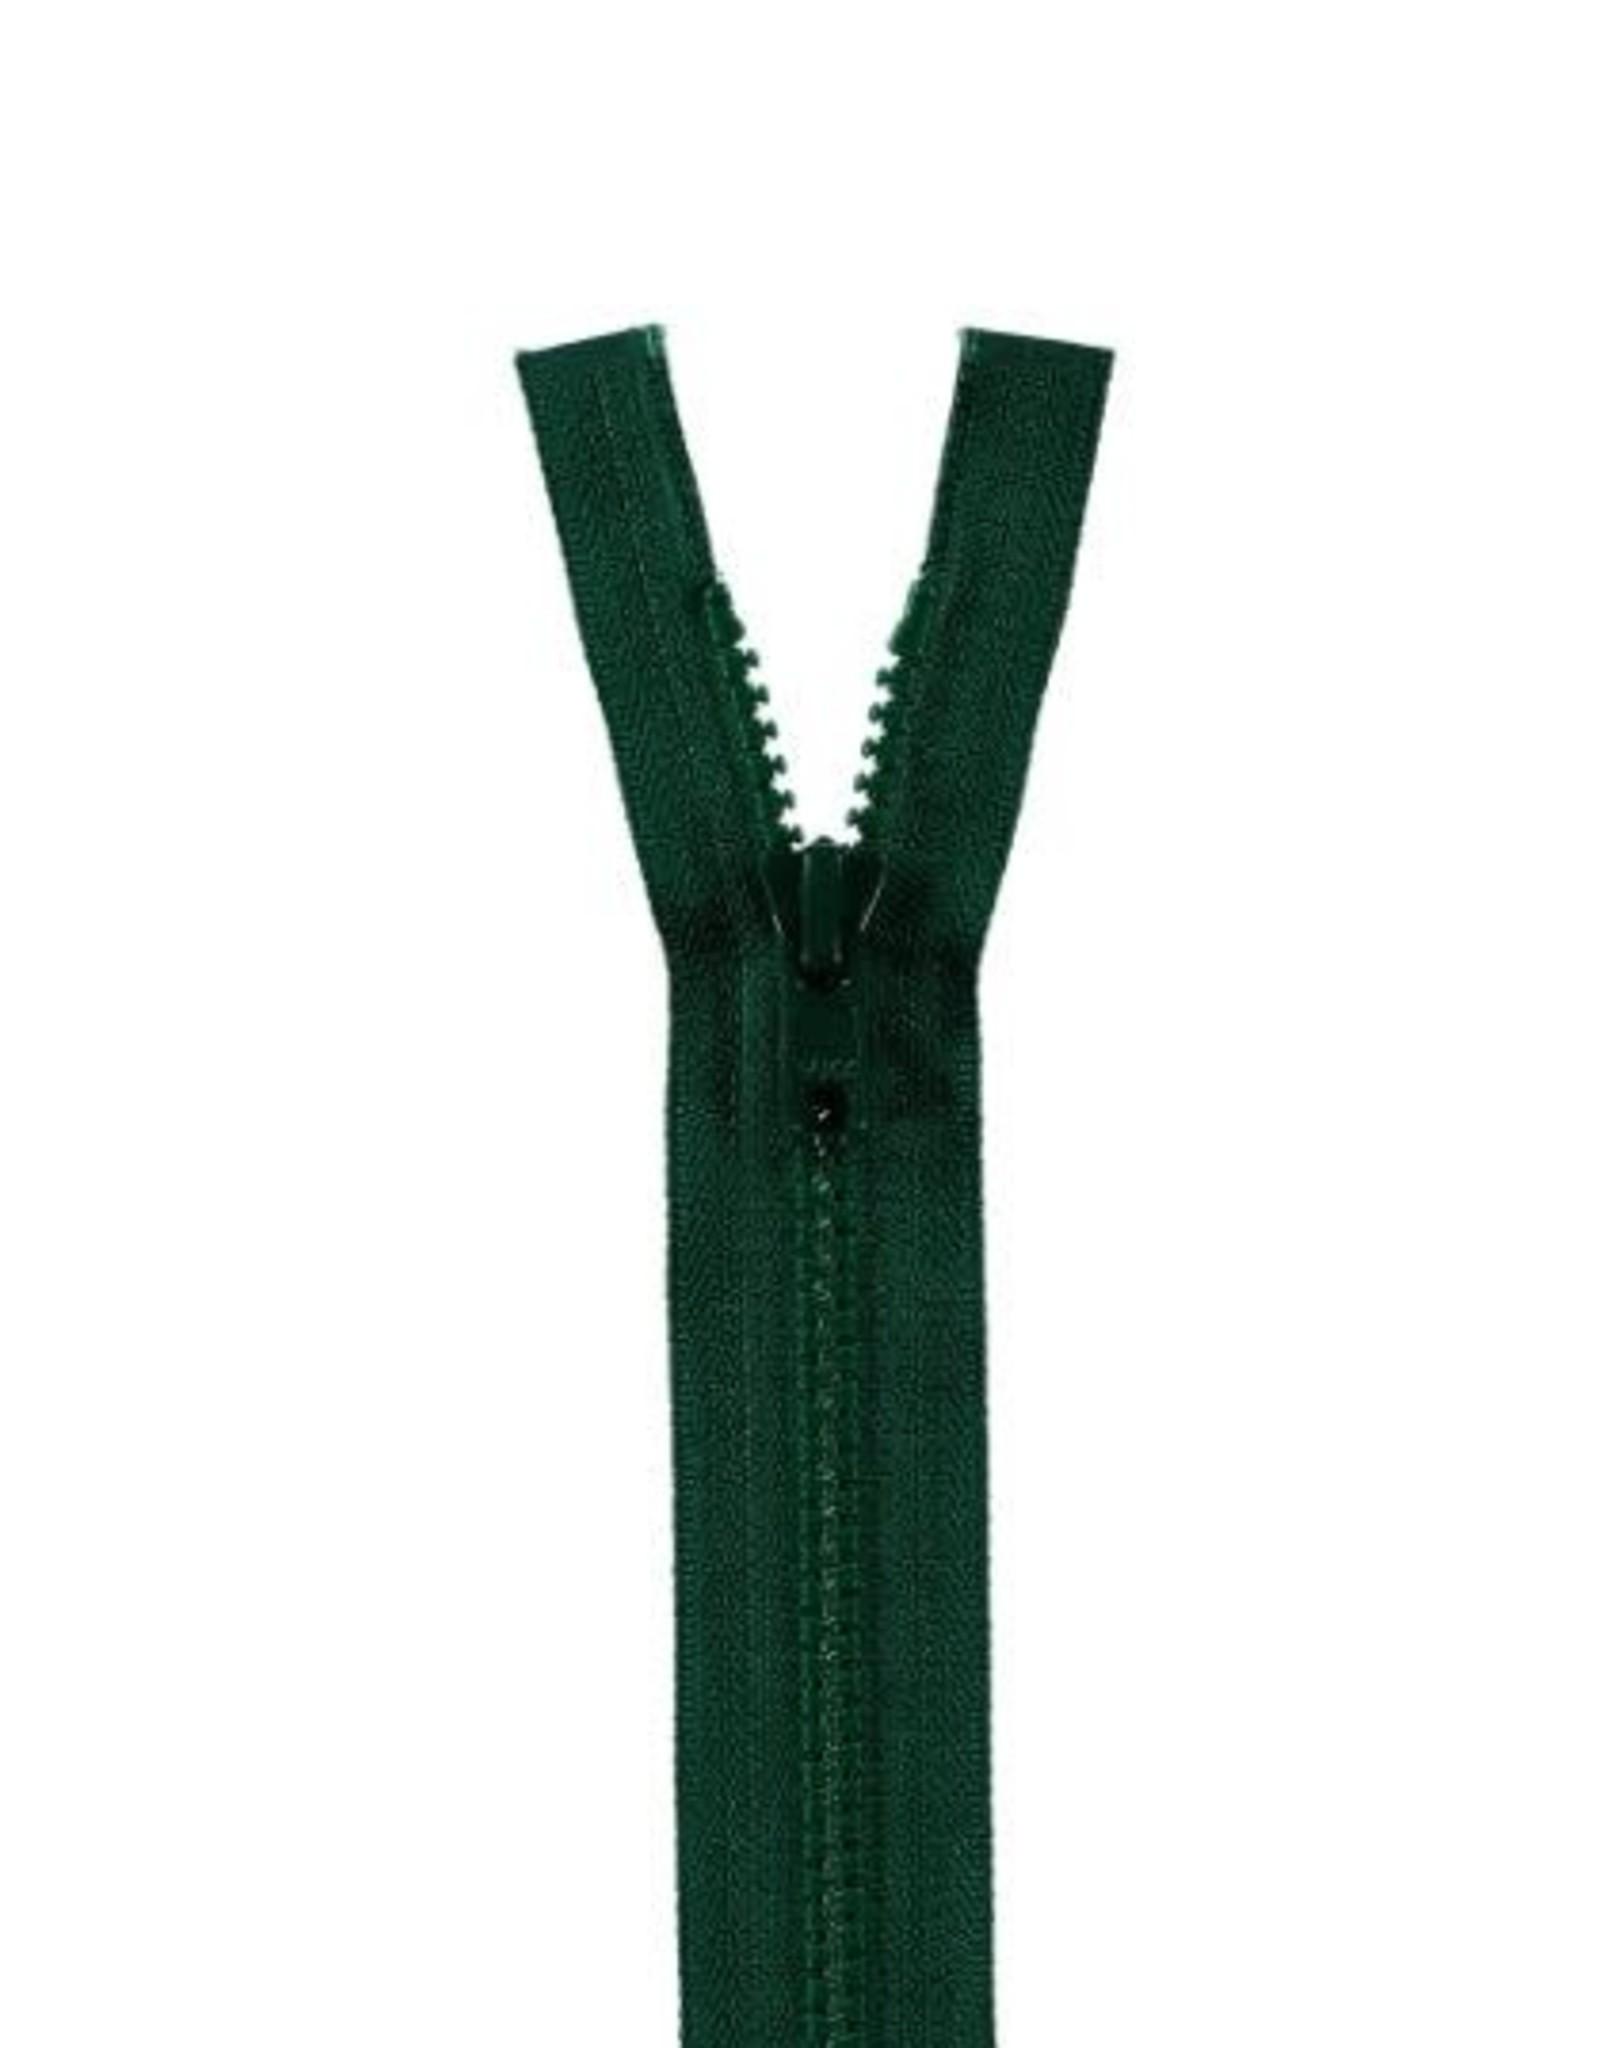 YKK BLOKRITS 5 DEELBAAR d. groen 890-70cm